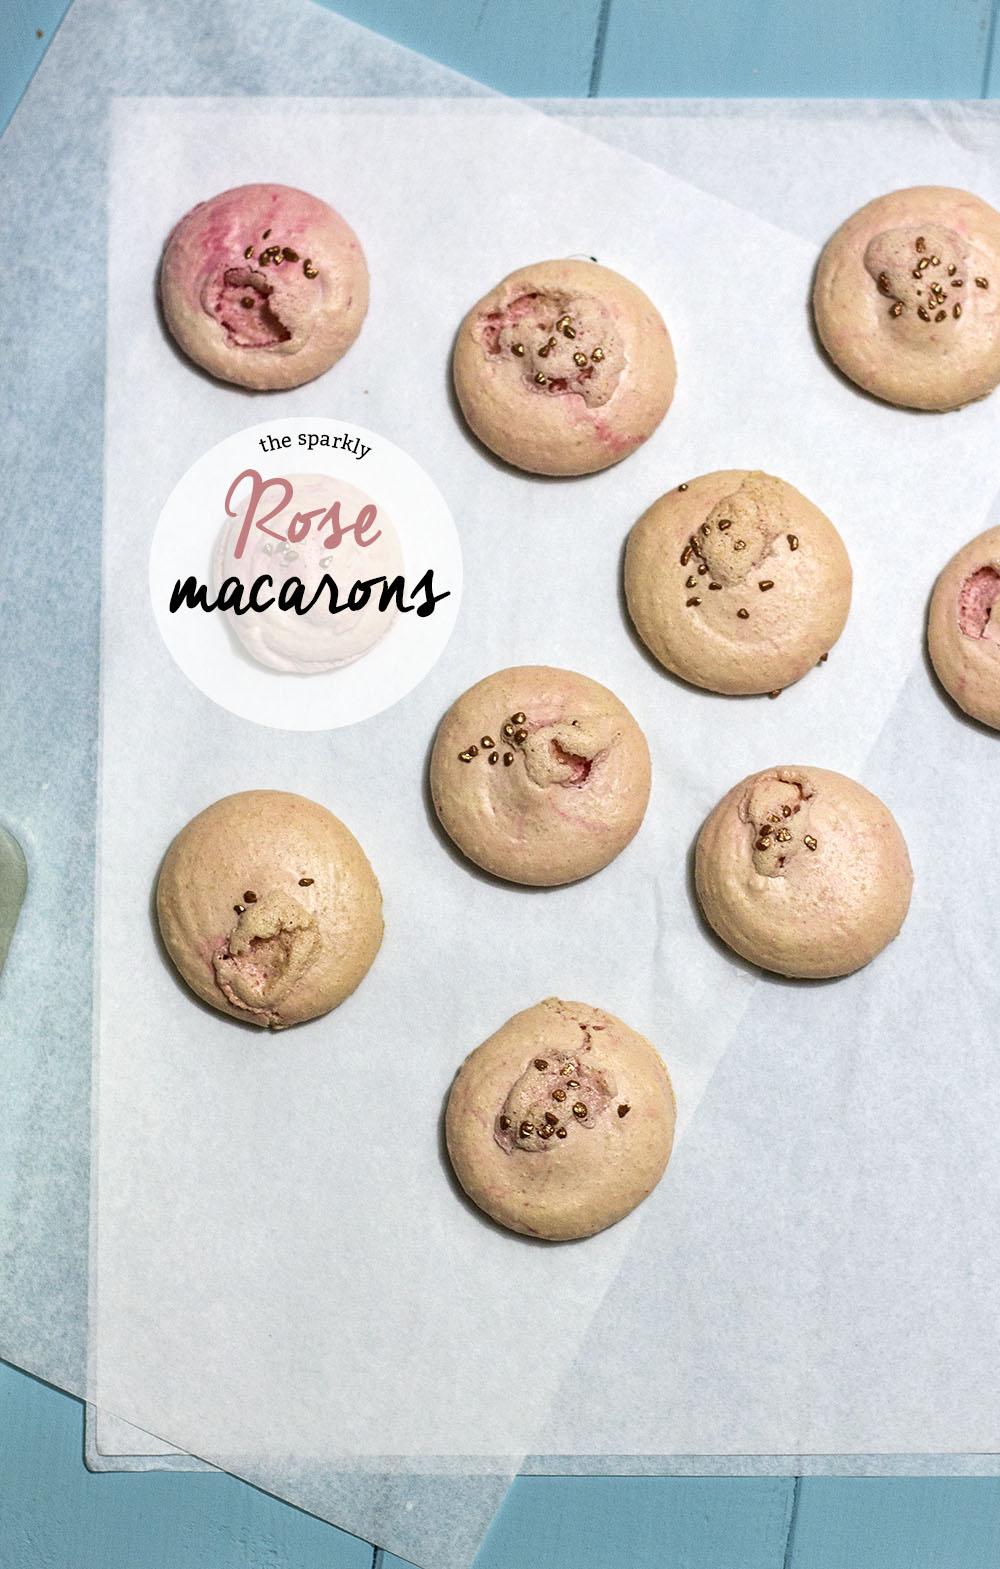 rose macaroons recipe